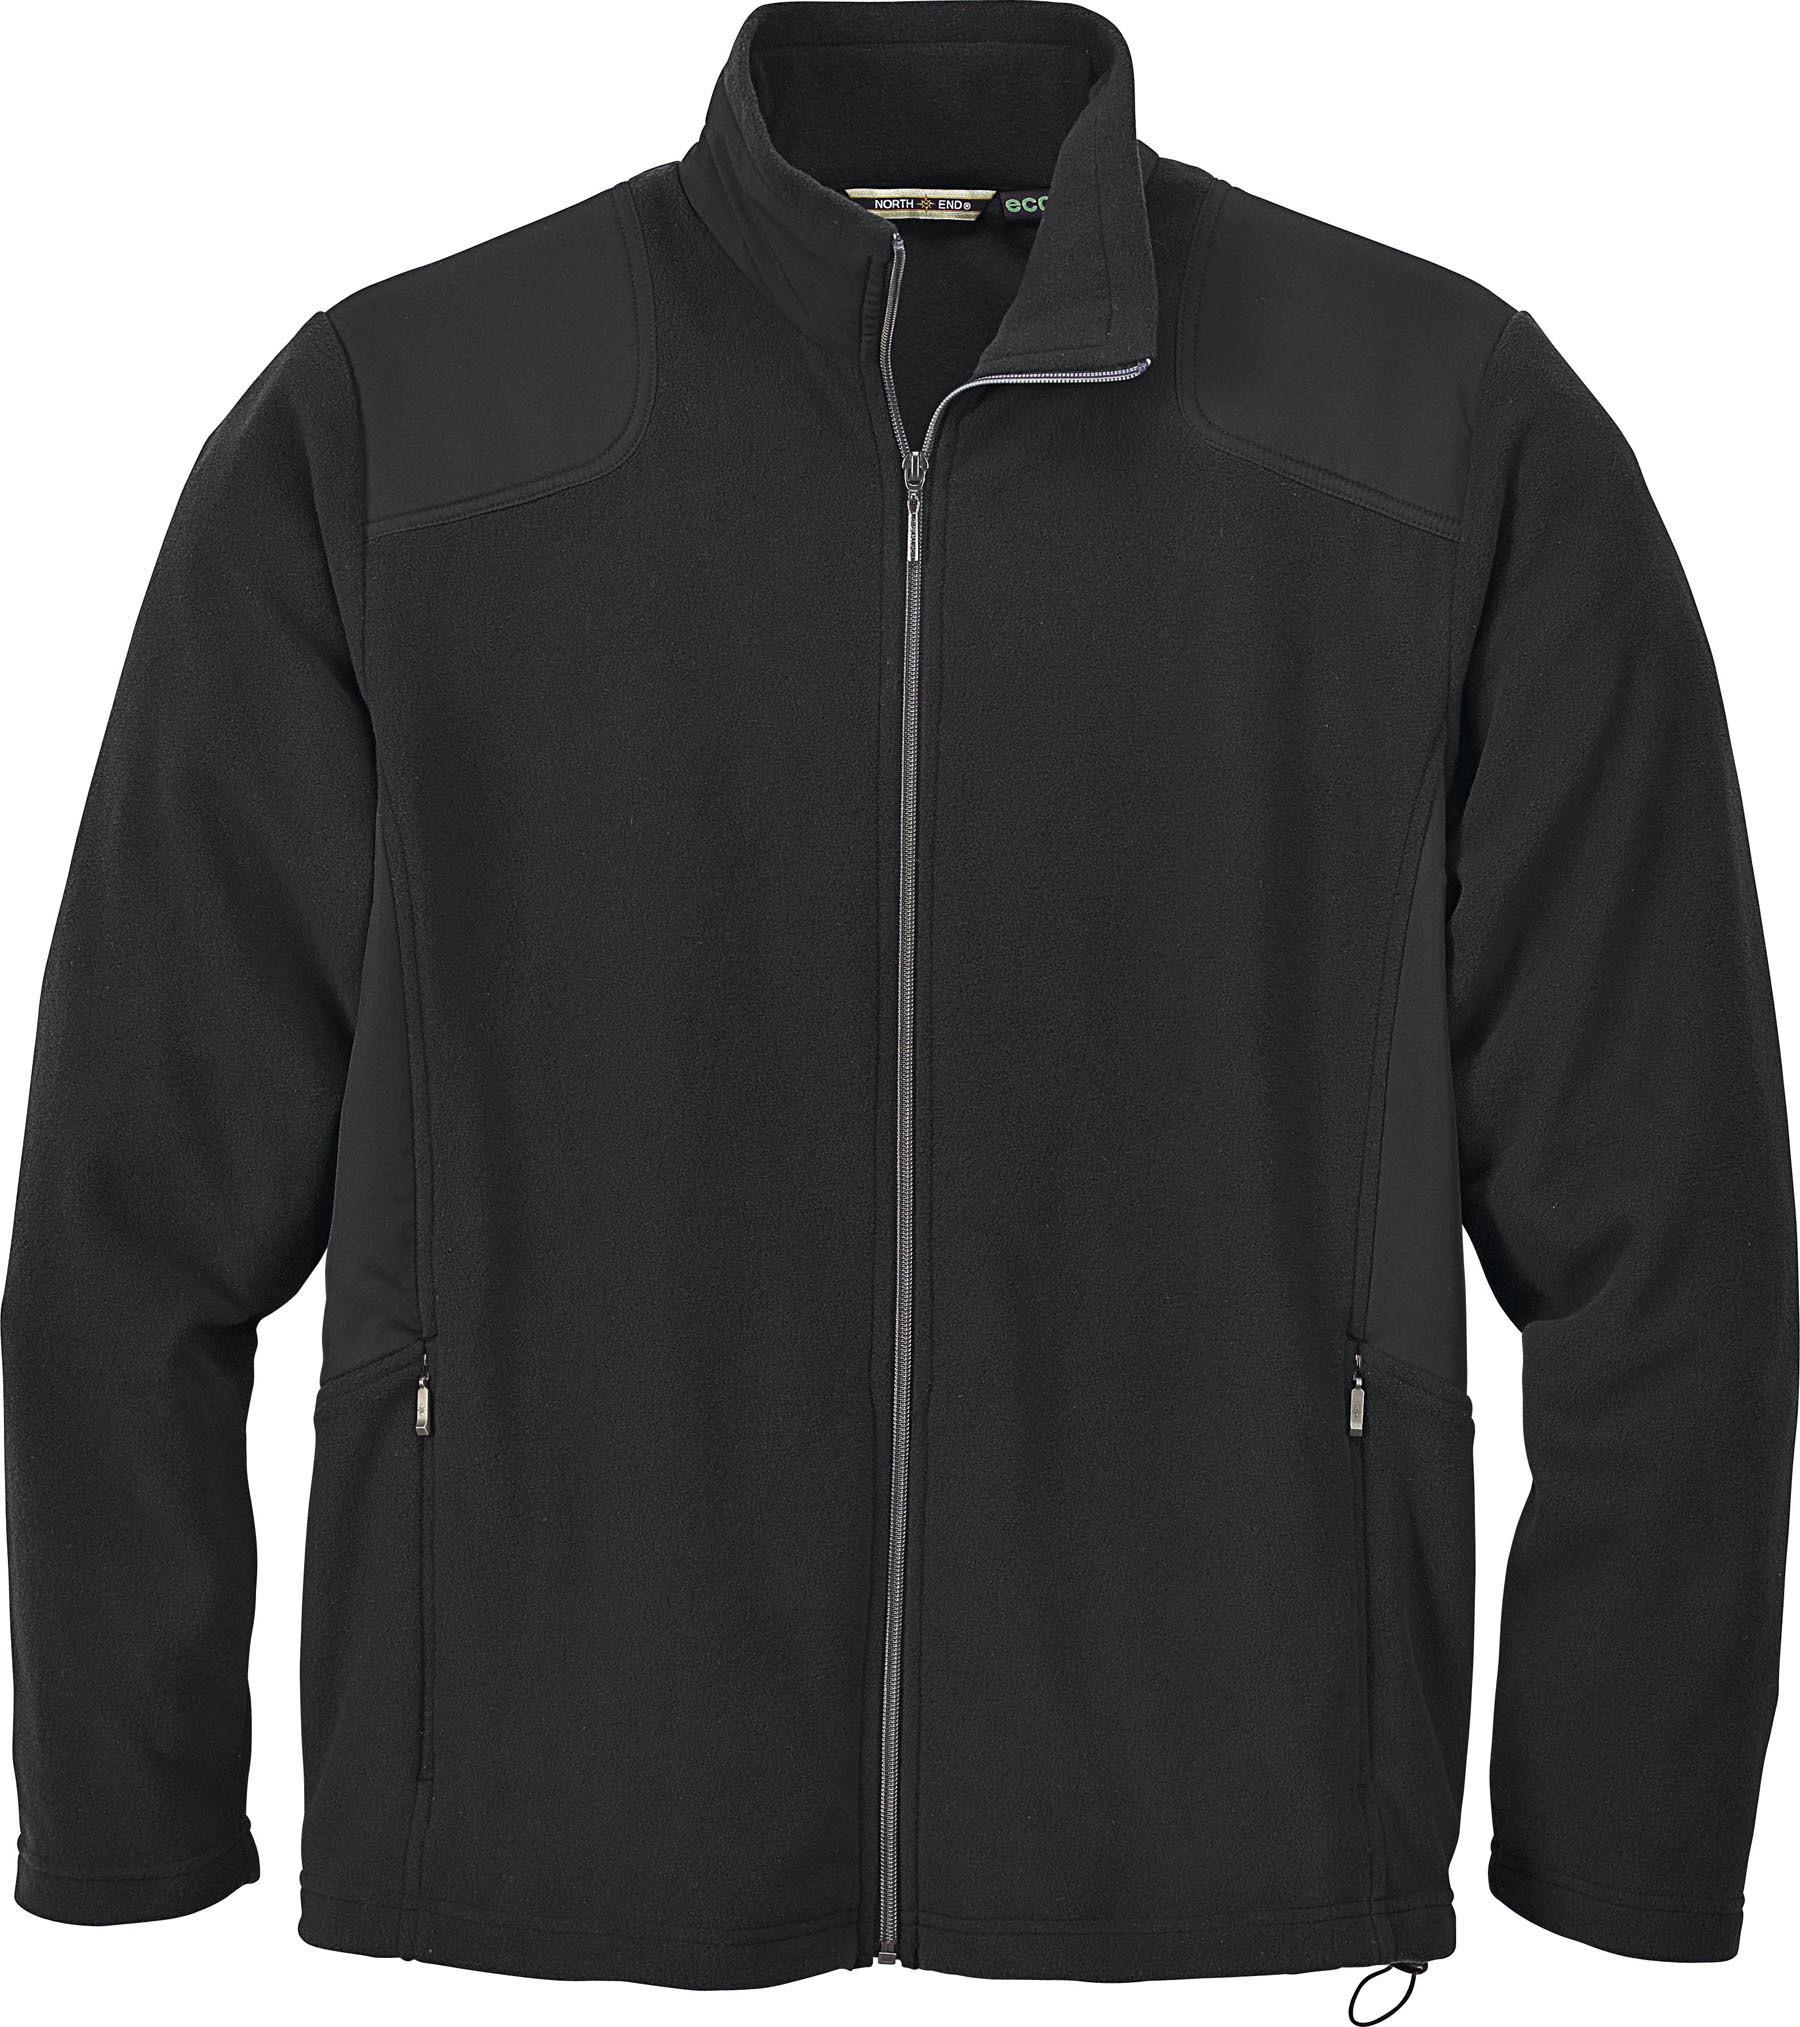 915af69951 Ash City e.c.o Fleece 88141 - Men s Recycled Polyester Fleece Full-Zip  Jacket  32.34 - Men s Outerwear